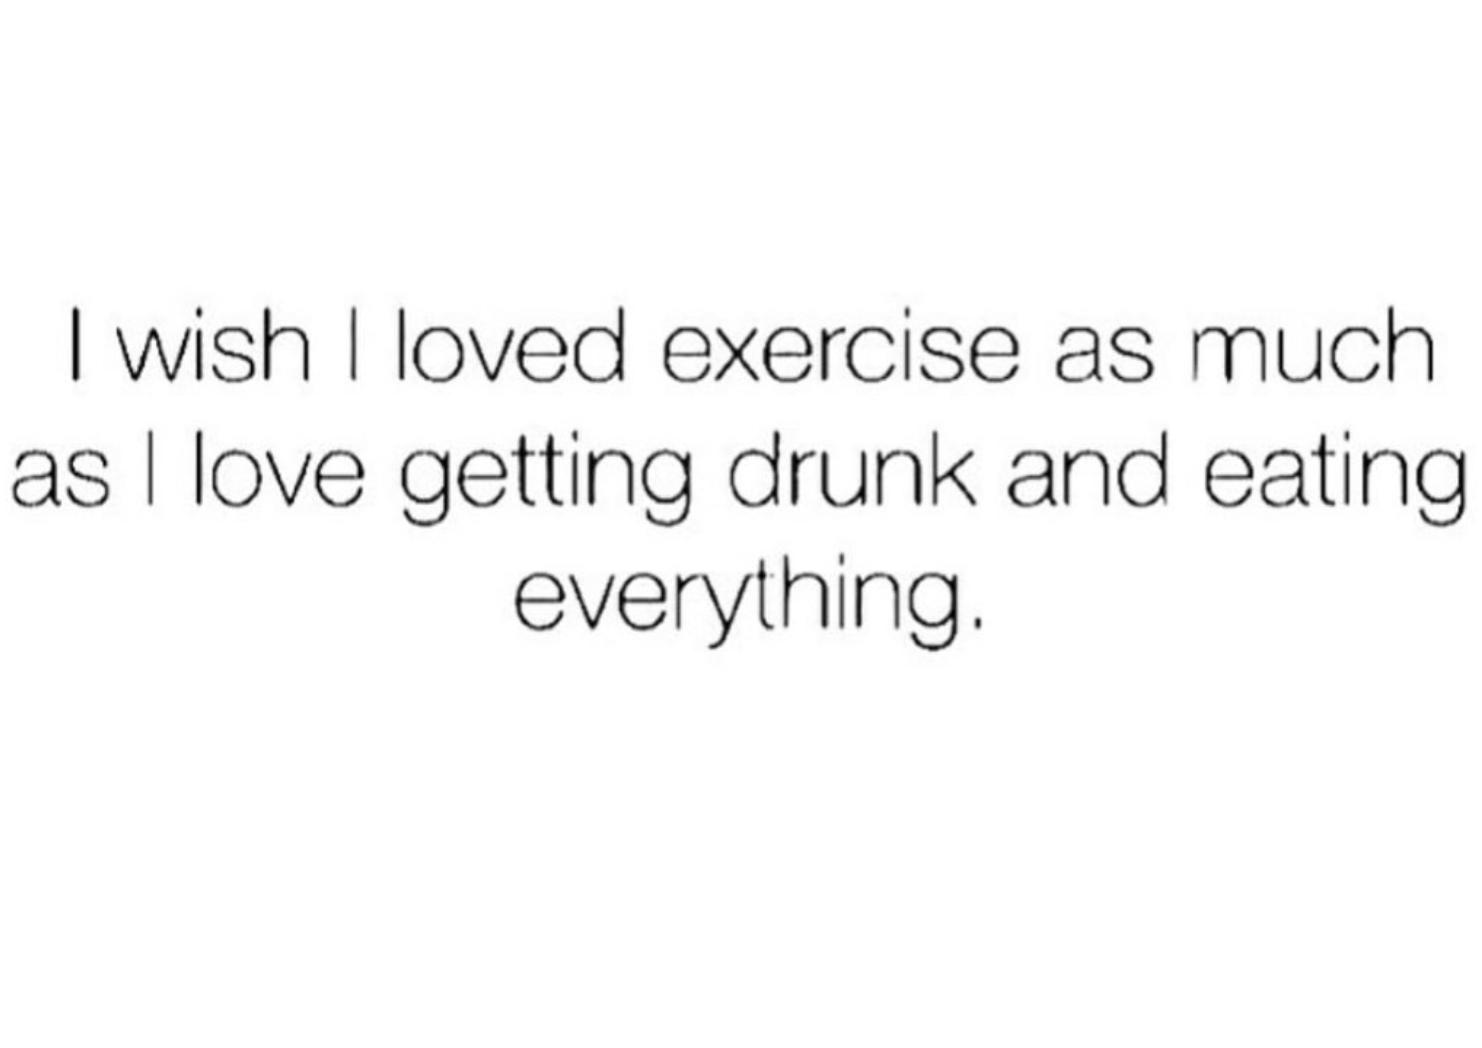 I wish I liked exercising